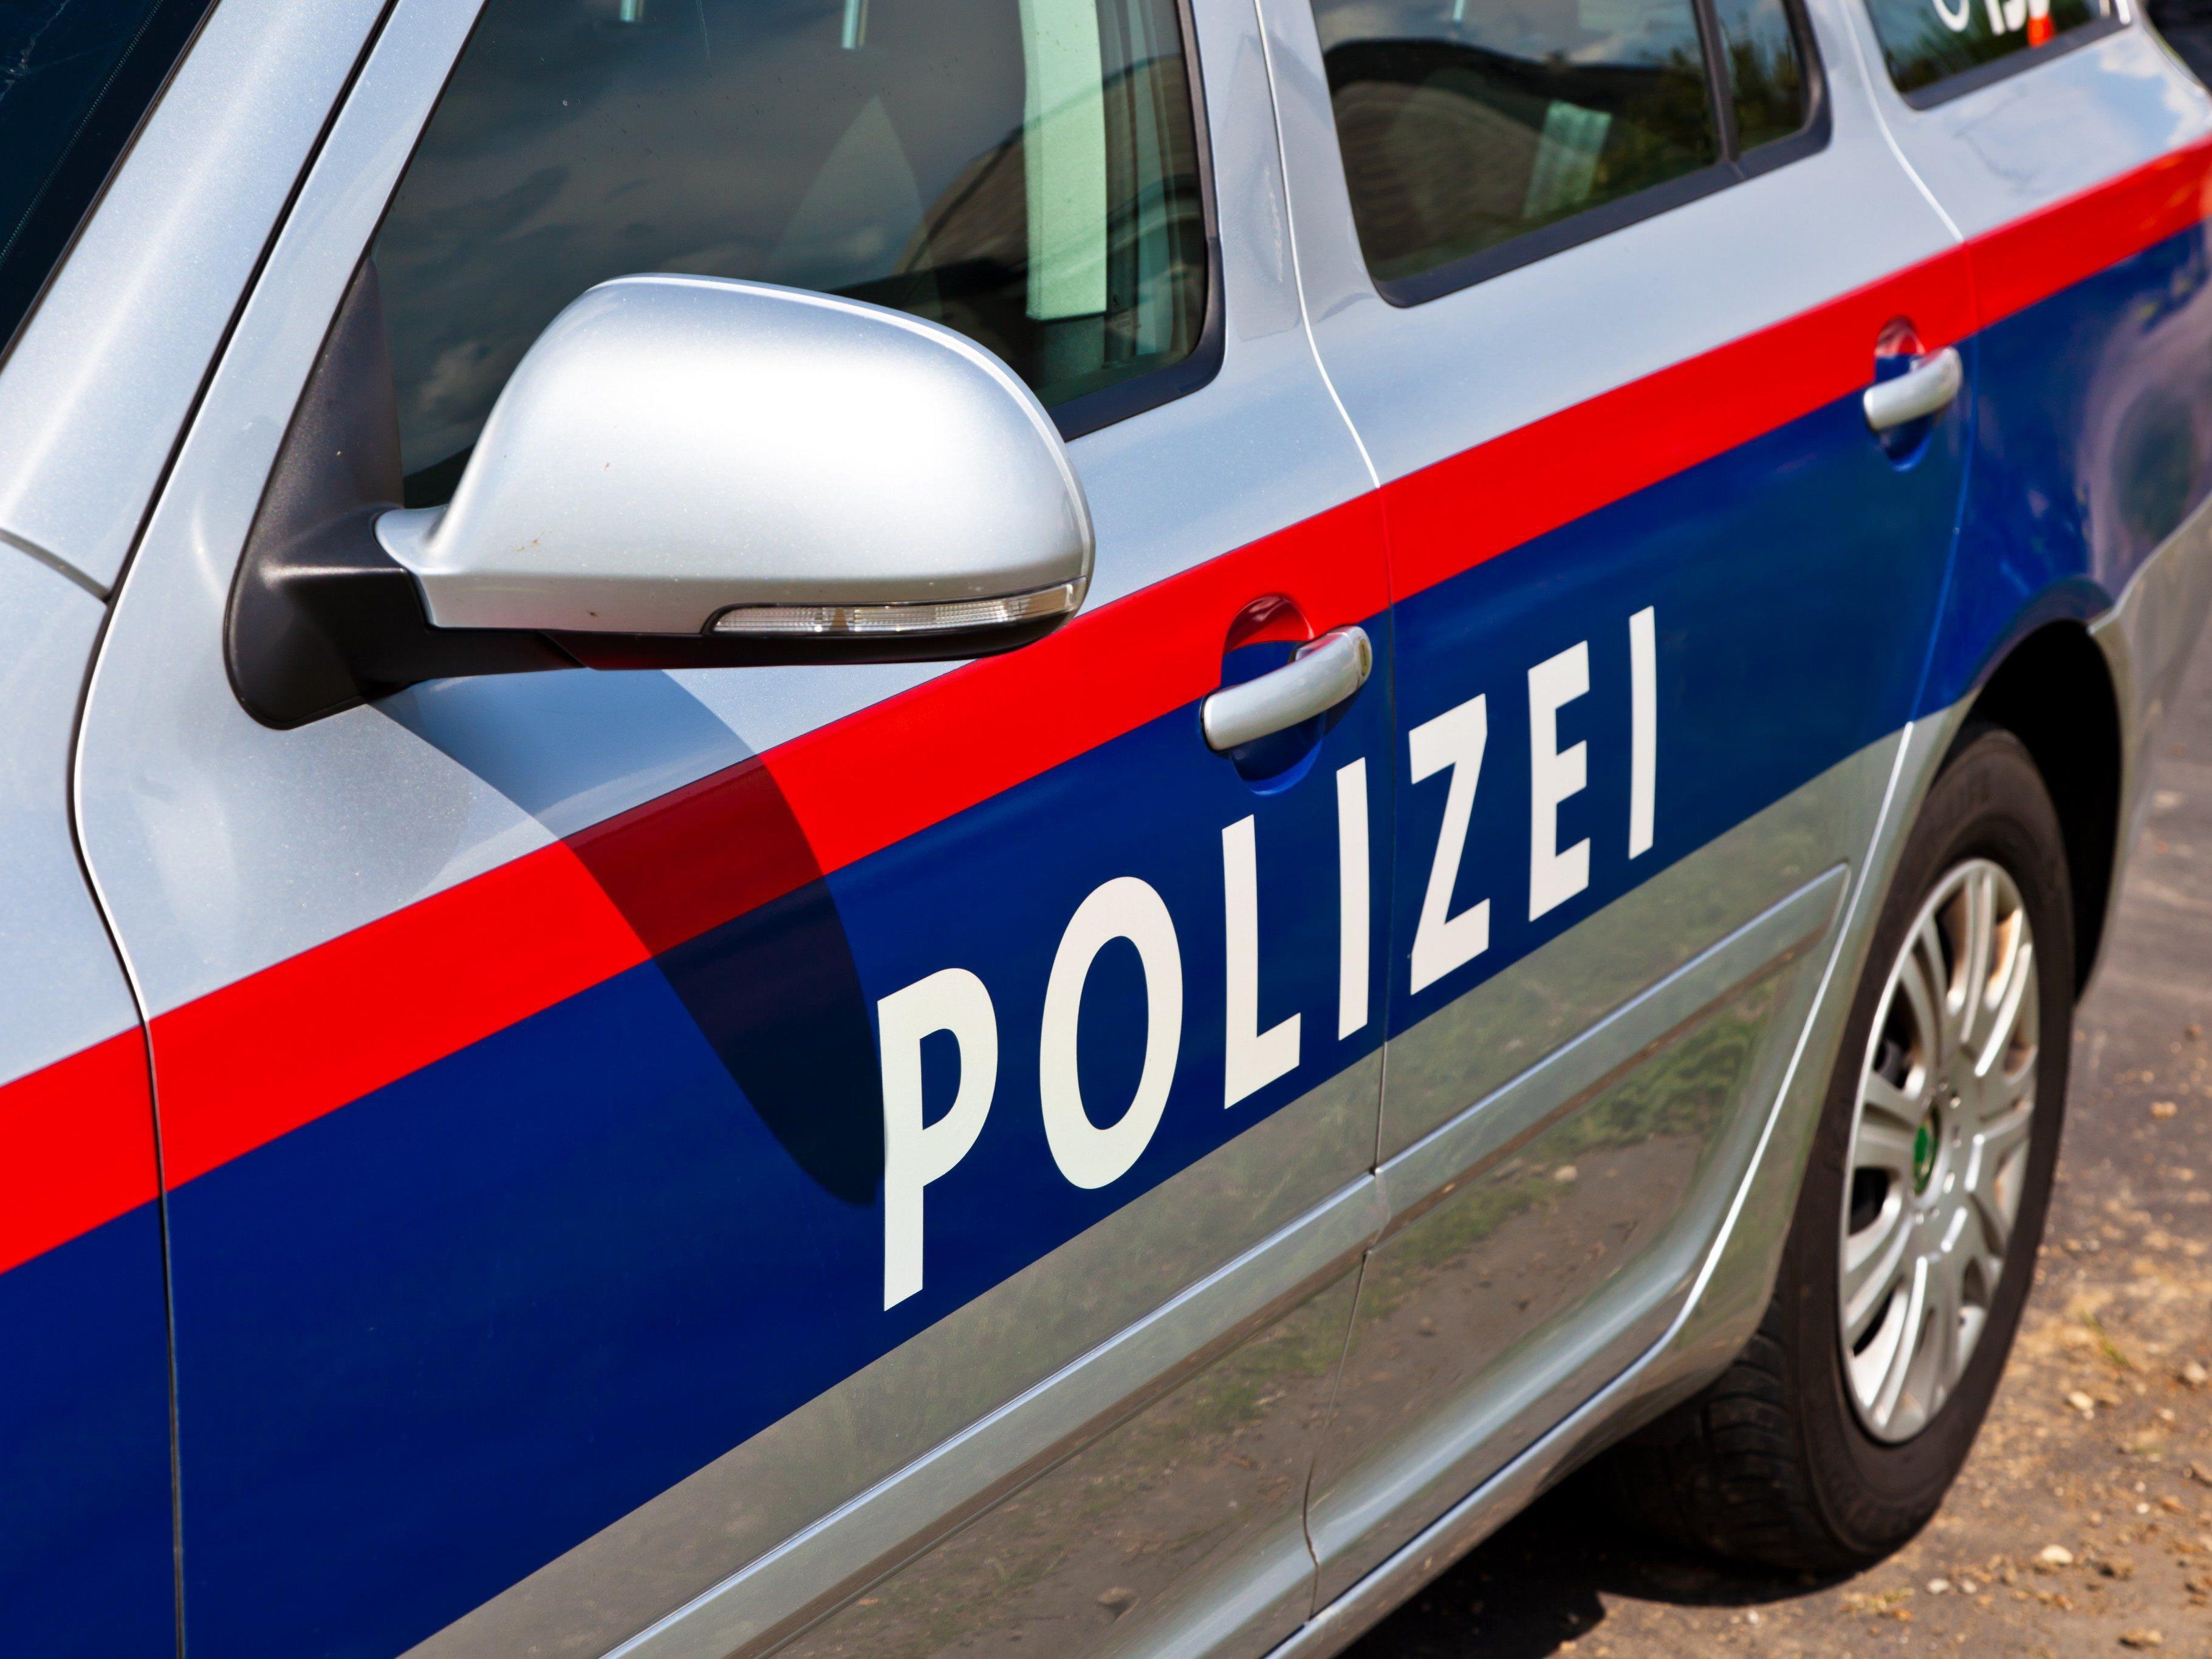 Die Polizei meldet einige Sachbeschädigungen in der Silvesternacht in Hörbranz.